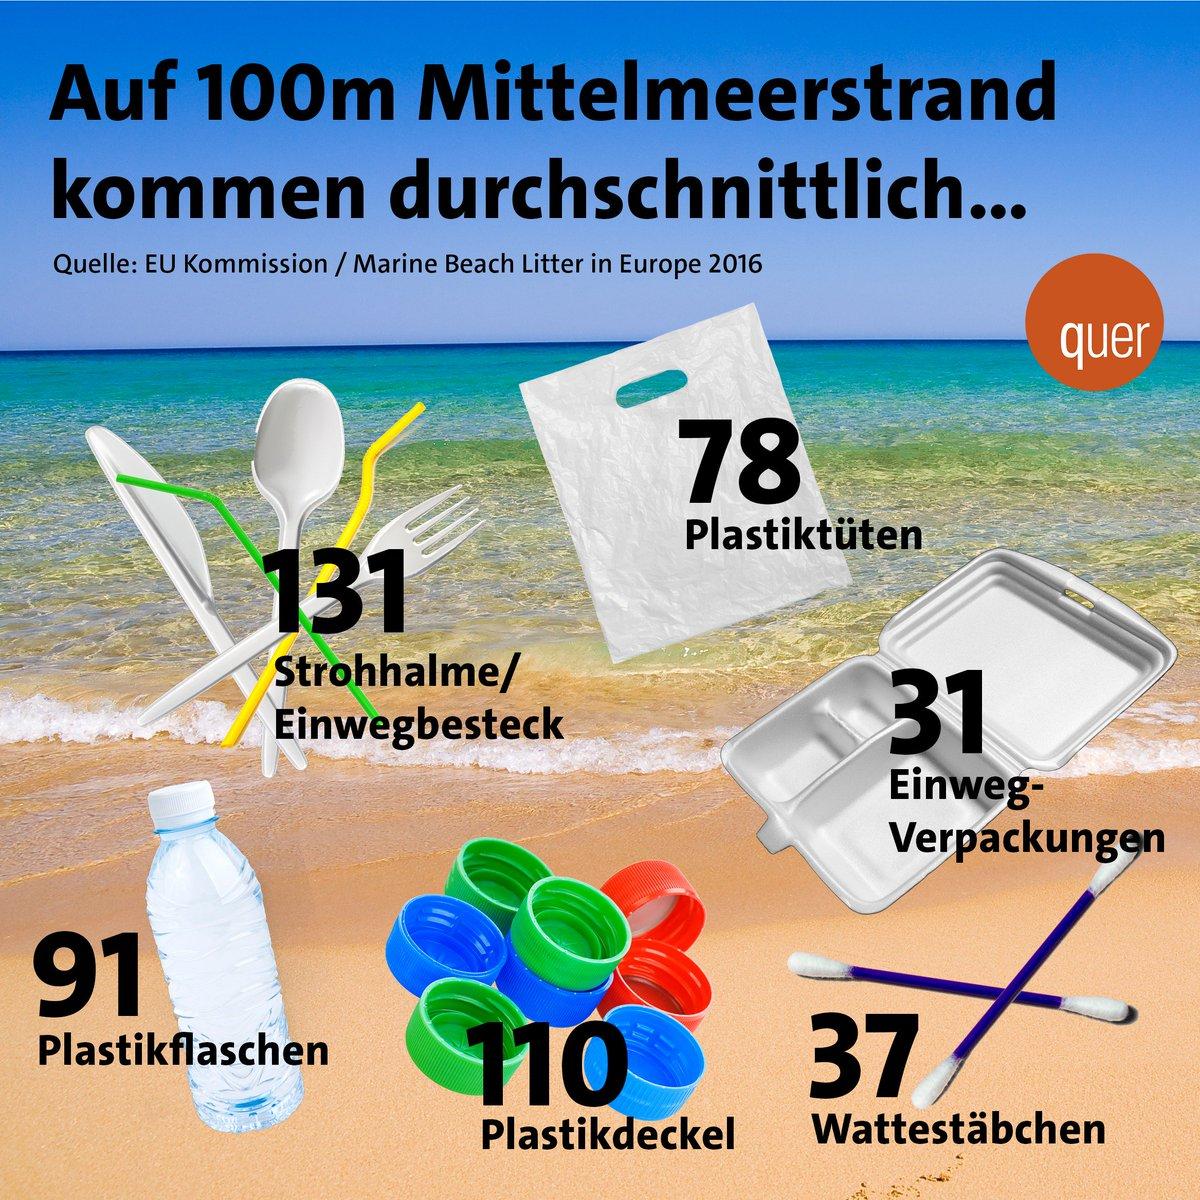 Die EU hat sich heute Morgen auf ein Verbot von Einwegplastik geeinigt - der Strandurlaub wird also schöner werden! #Plastik